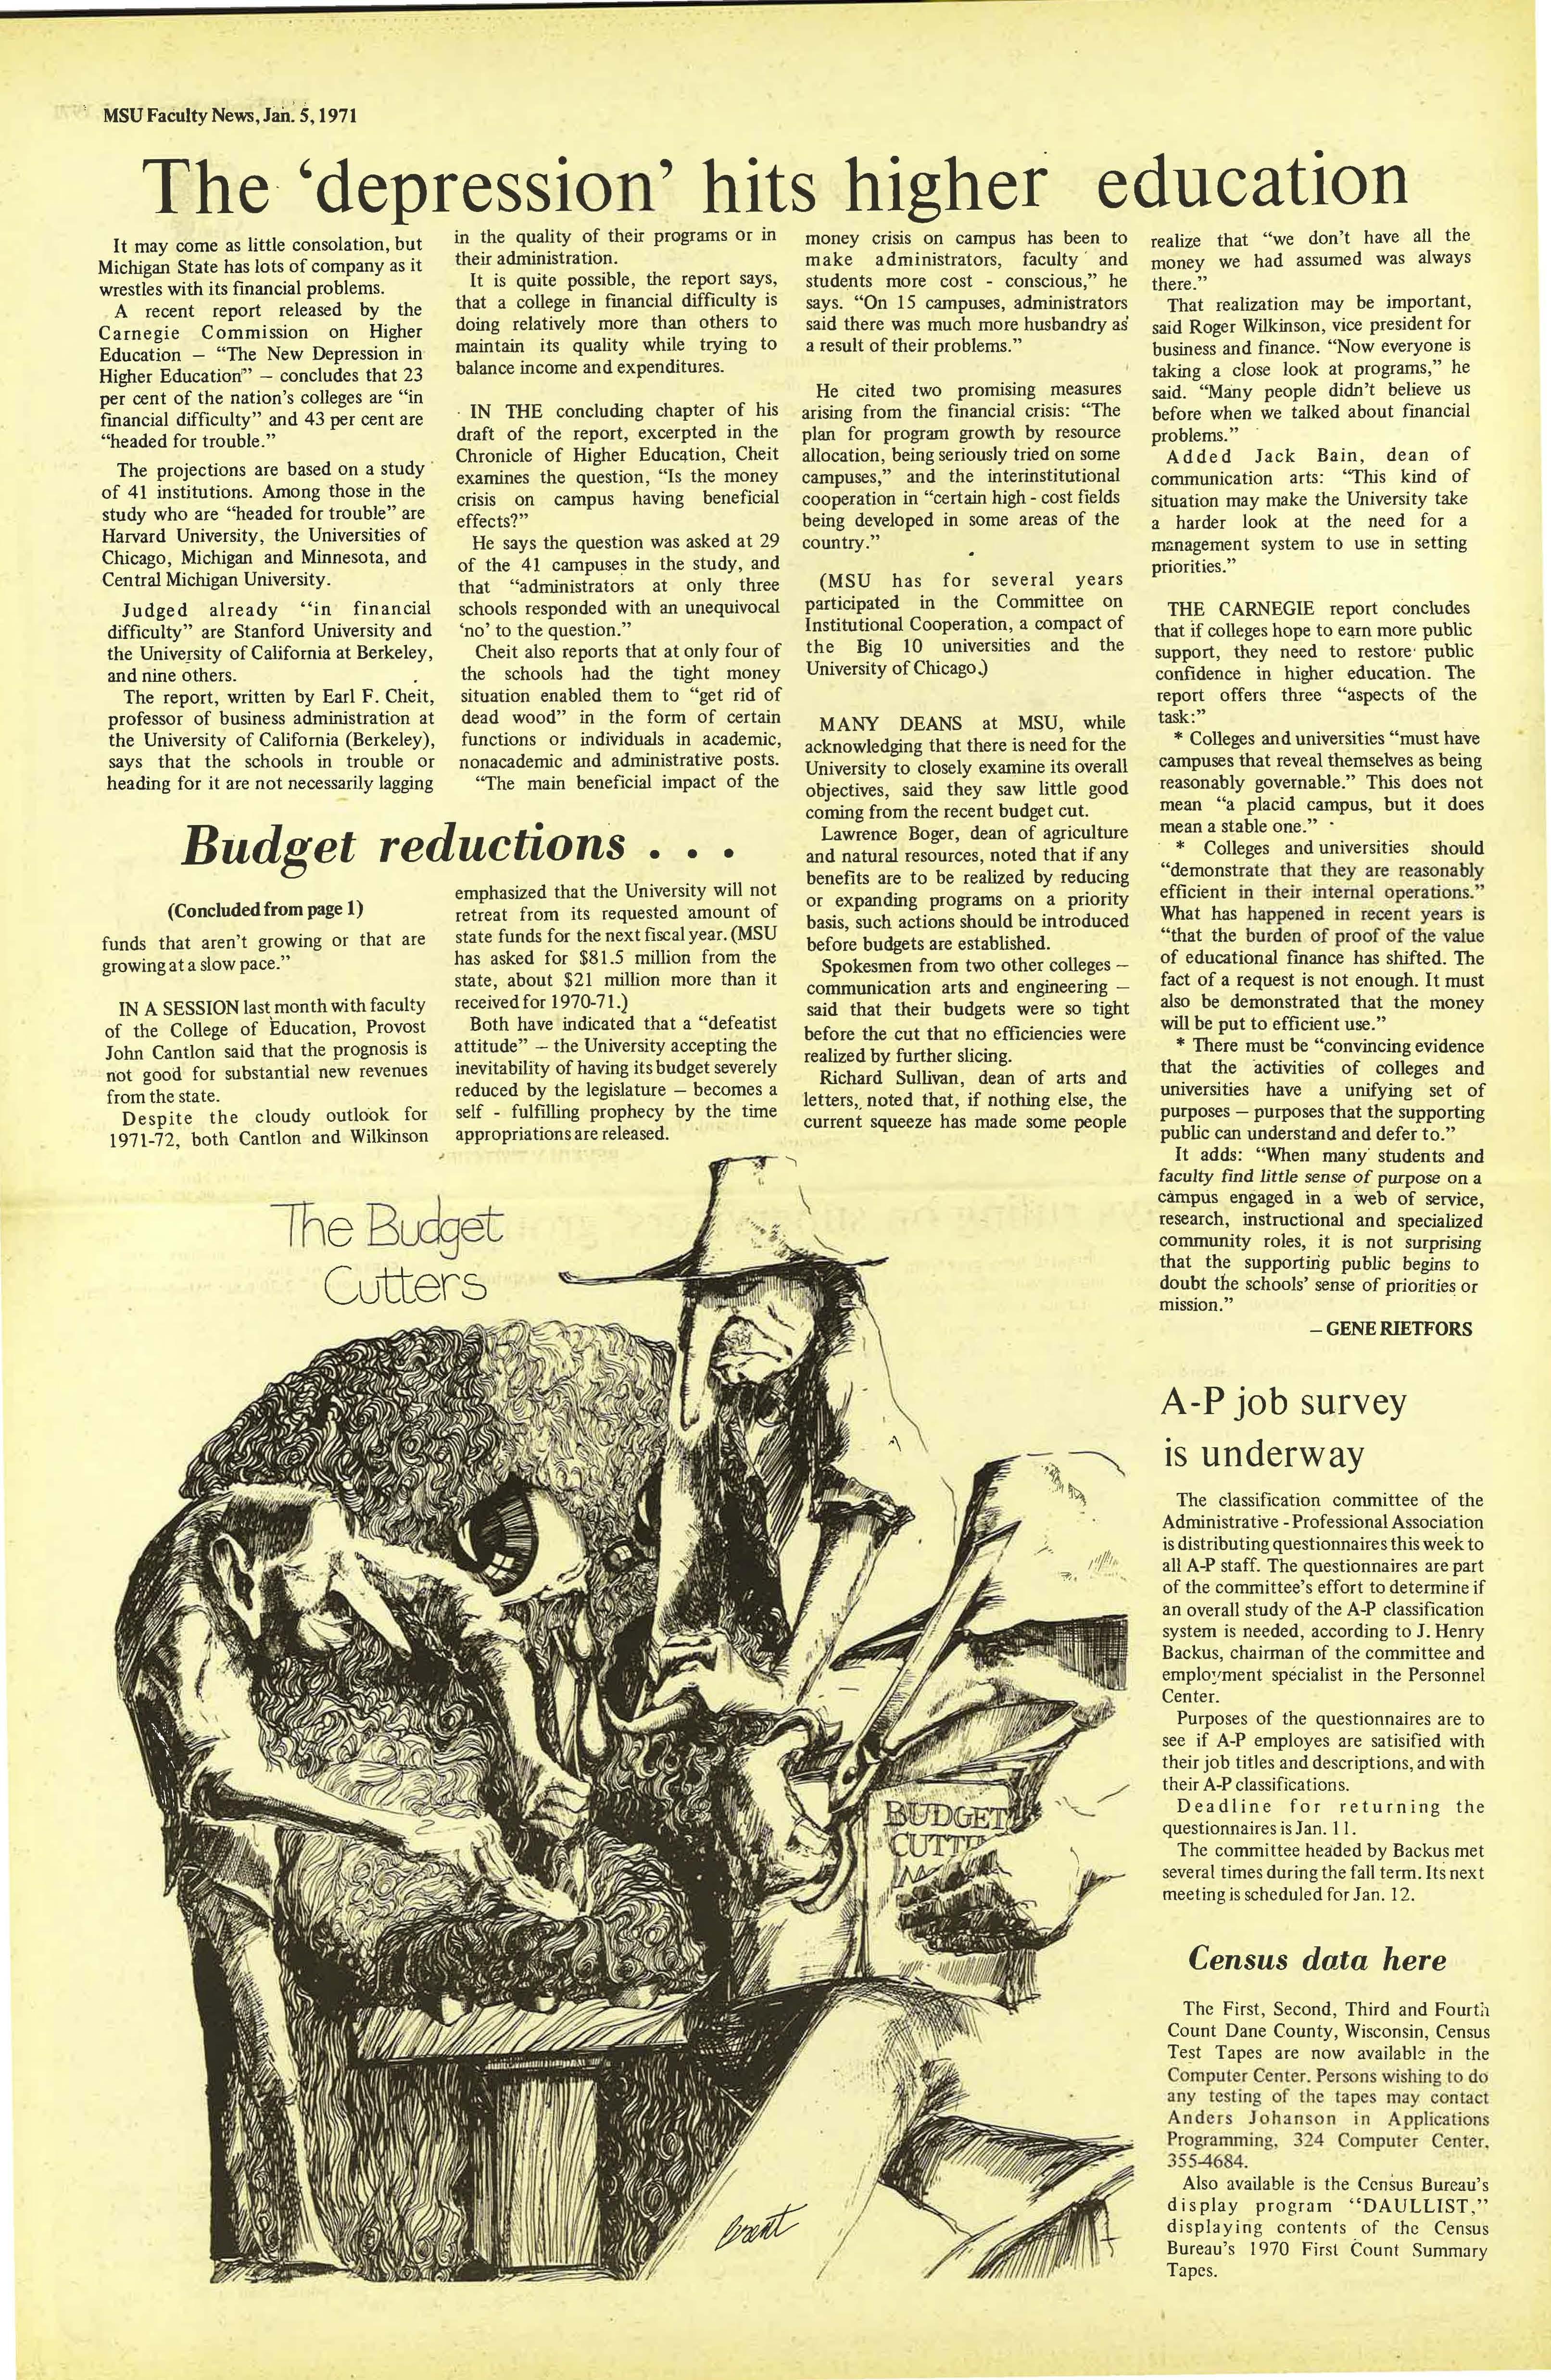 MSU News Bulletin, vol. 2, No. 25, April 29, 1971